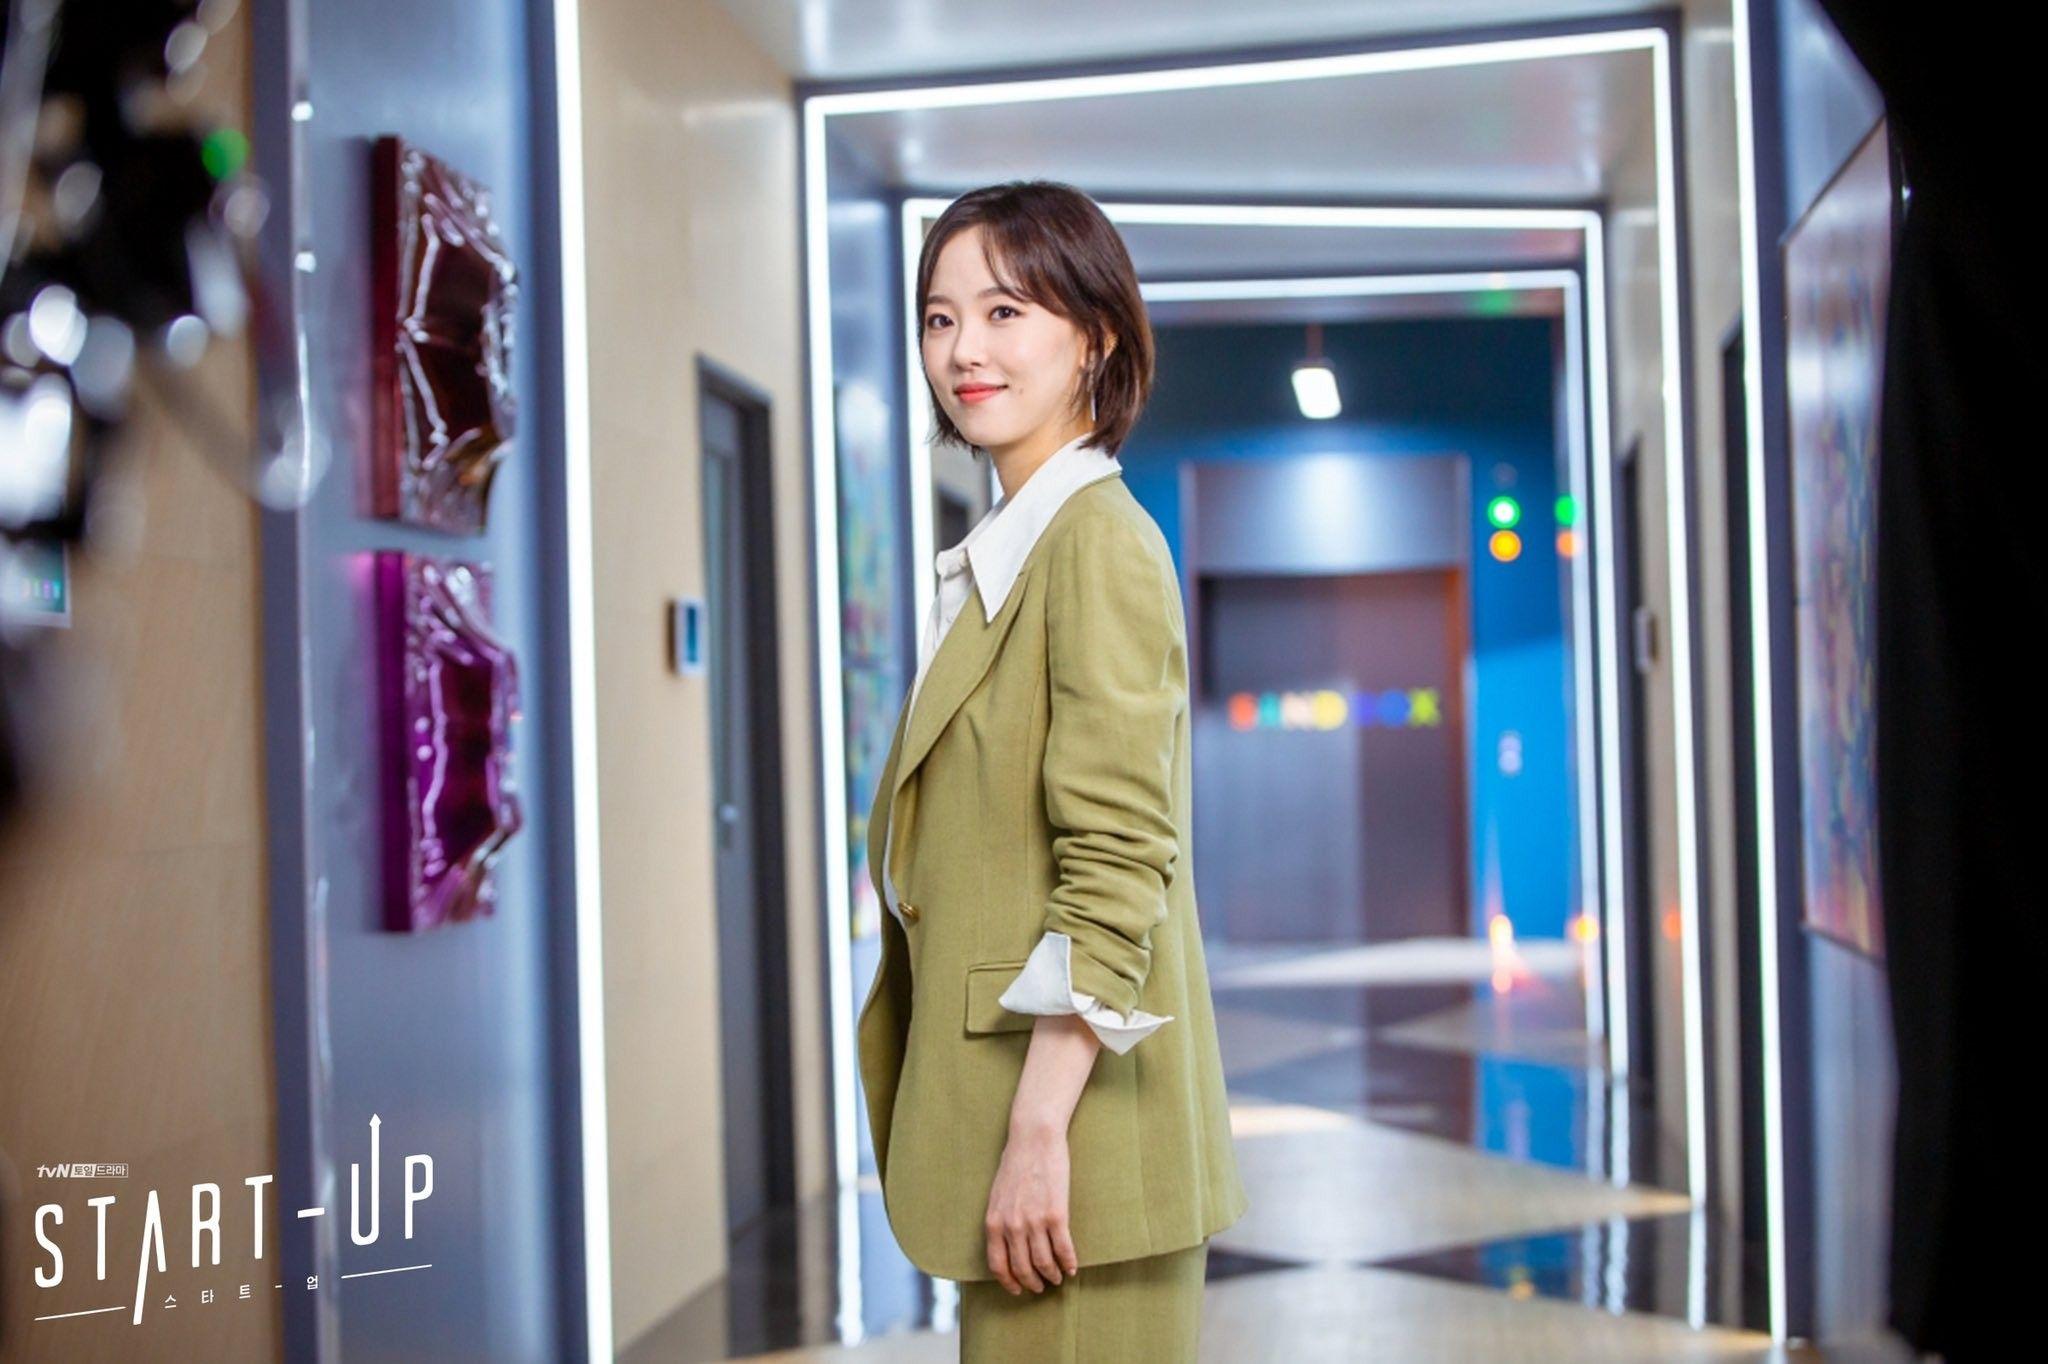 5 kiểu áo khoác chưa bao giờ hết mốt trong phim Hàn, sắm đủ thì bạn sẽ mặc đẹp và sang hơn hẳn mùa lạnh năm ngoái 7